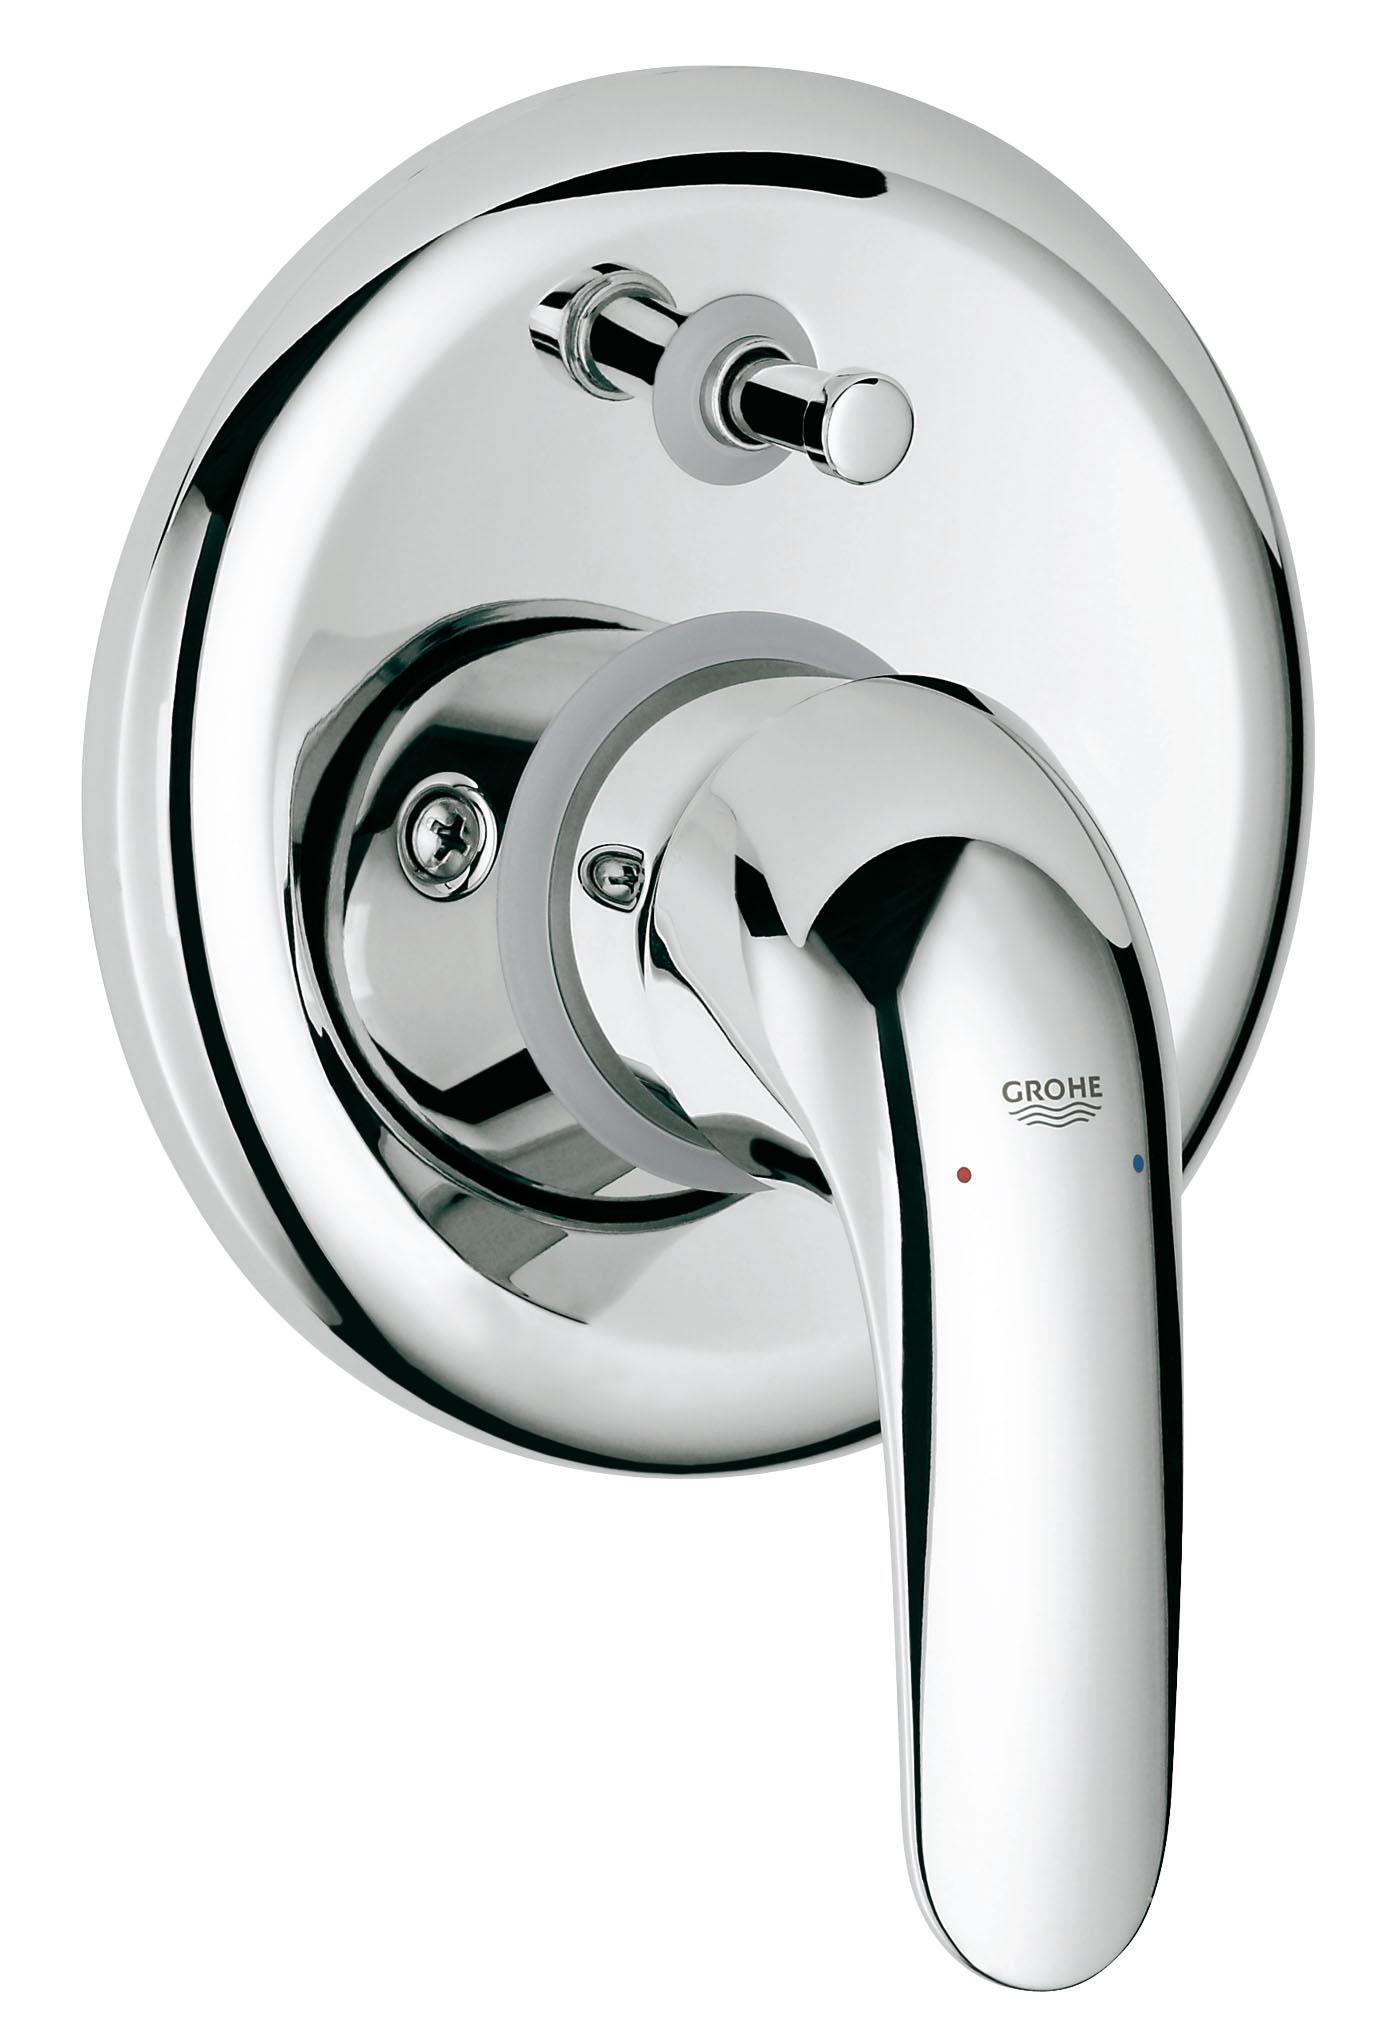 Смеситель встраиваемый для ванны GROHE Euroeco new (встр. механизм в комплекте) (32747000)32747000Скрытый монтаж Включает в себя: Встраиваемый механизм (33 963) Комплект готового монтажа (19 379) GROHE SilkMove керамический картридж O 46 мм GROHE StarLight хромированная поверхность Автоматический переключатель: ванна/душ Металлический рычаг Уплотнитель розетки и рычага Отражатели из металла Винтовое крепление Дополнительный ограничитель температуры (46 308 000)